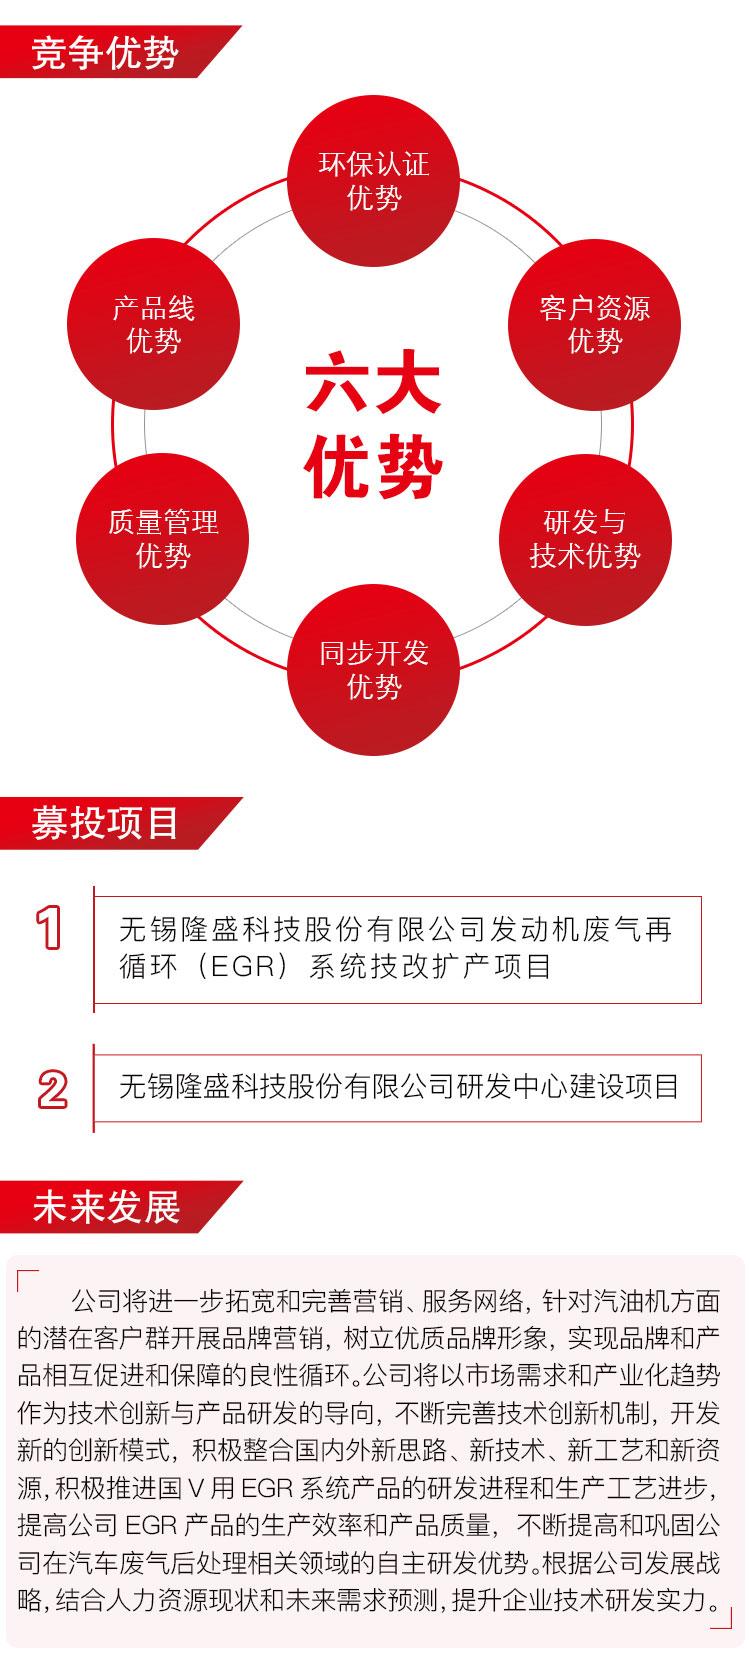 隆盛科技-上市海报_04.jpg